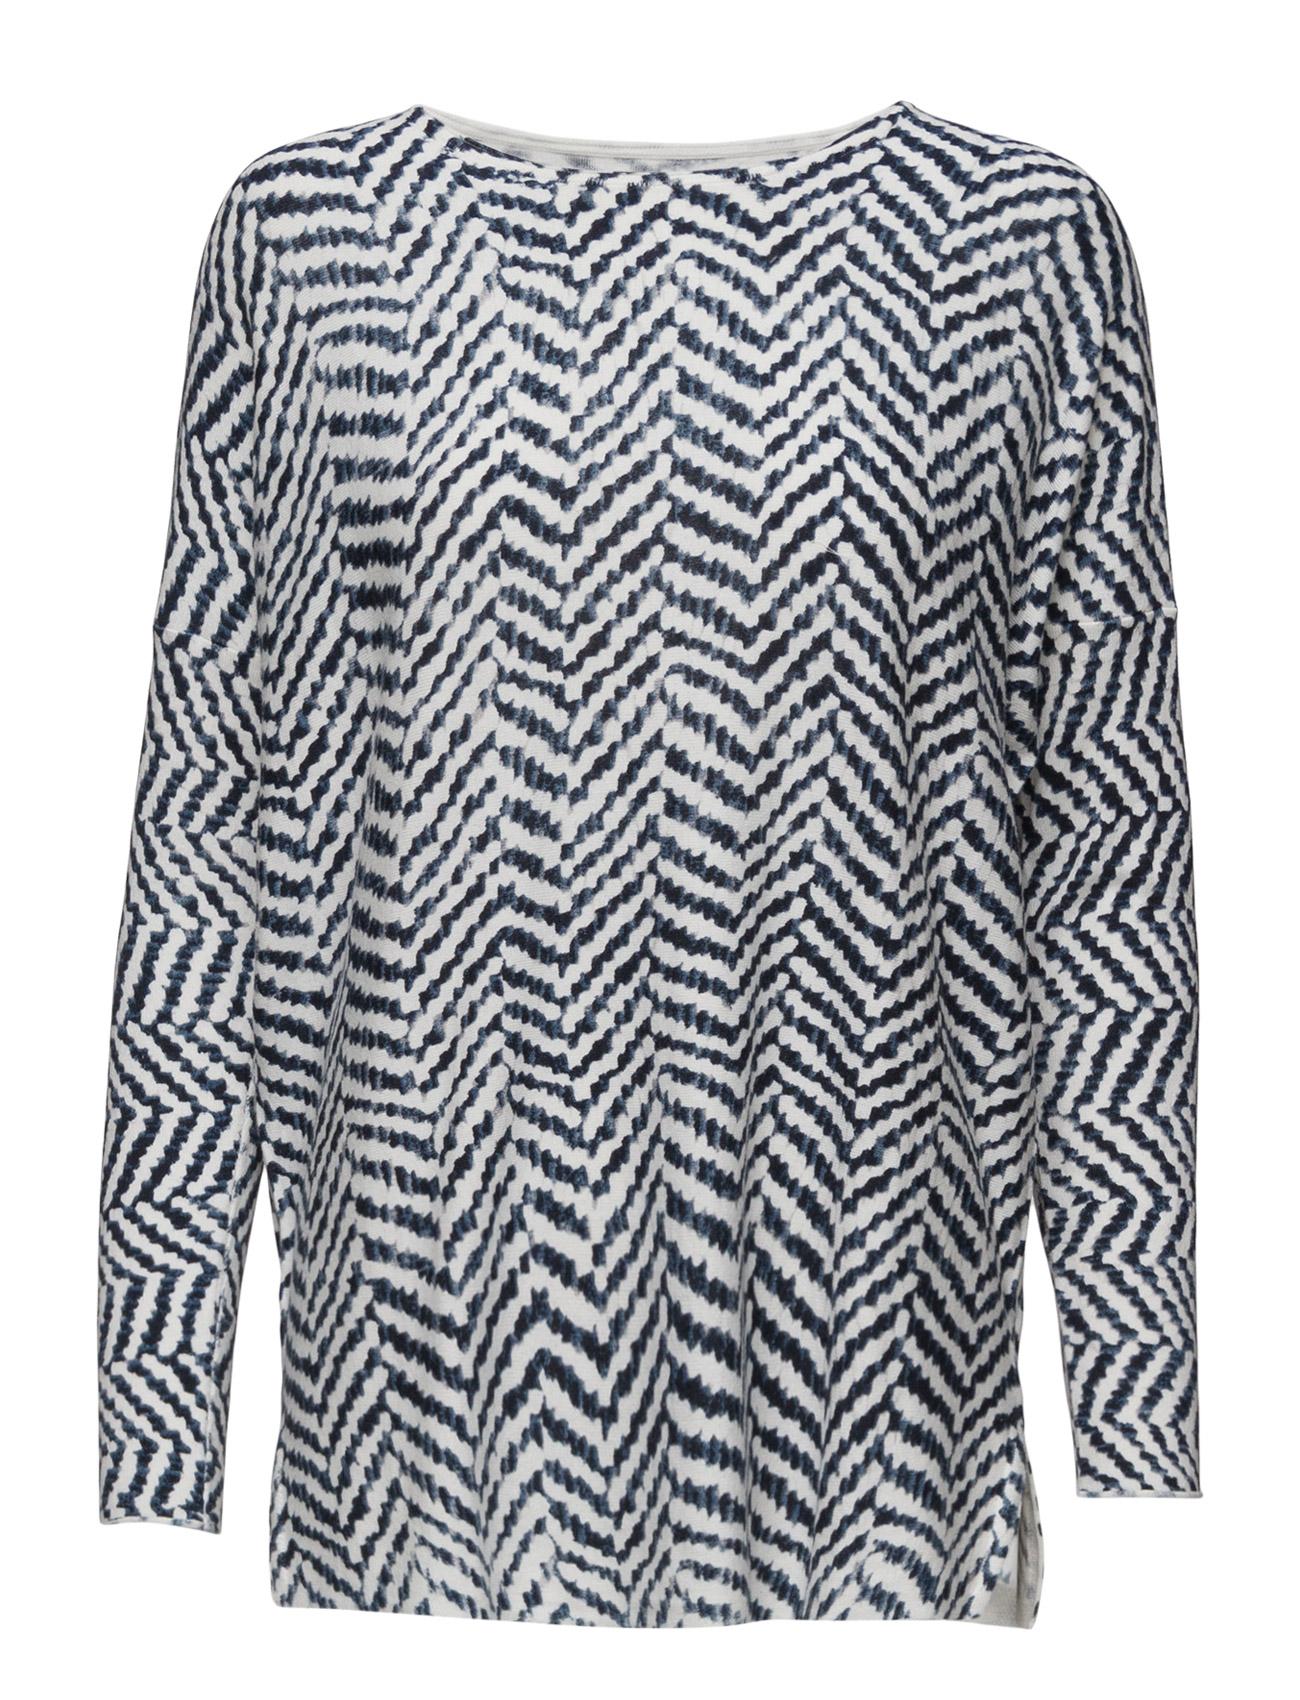 Printed Sweater Saint Tropez Langærmede til Kvinder i Is